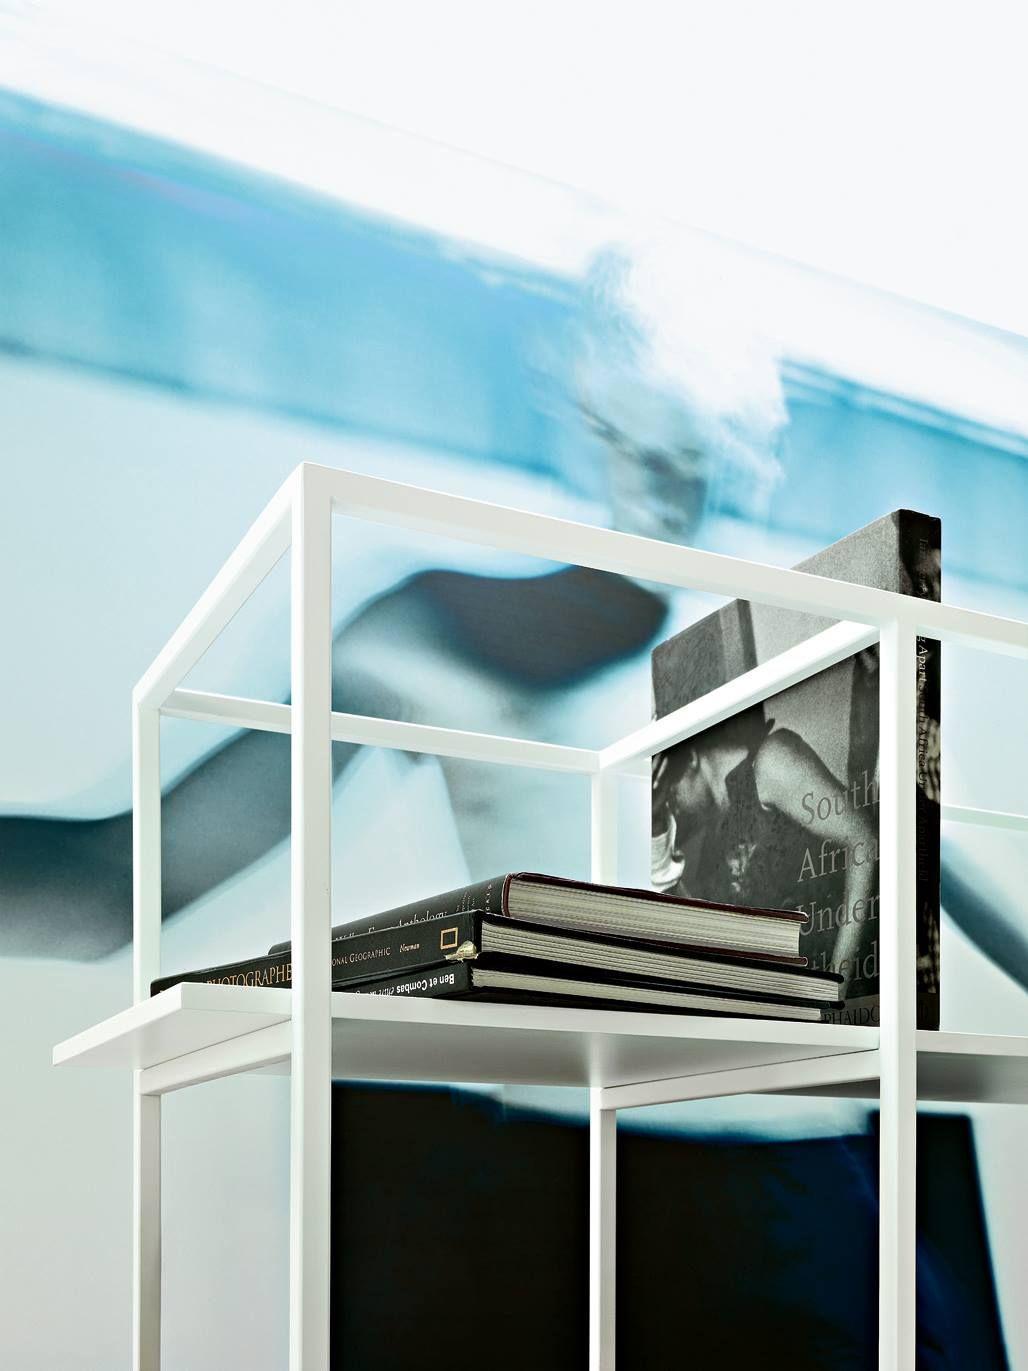 Este fin de semana se lo dedicamos a la lectura... http://www.lemamobili.com/it/